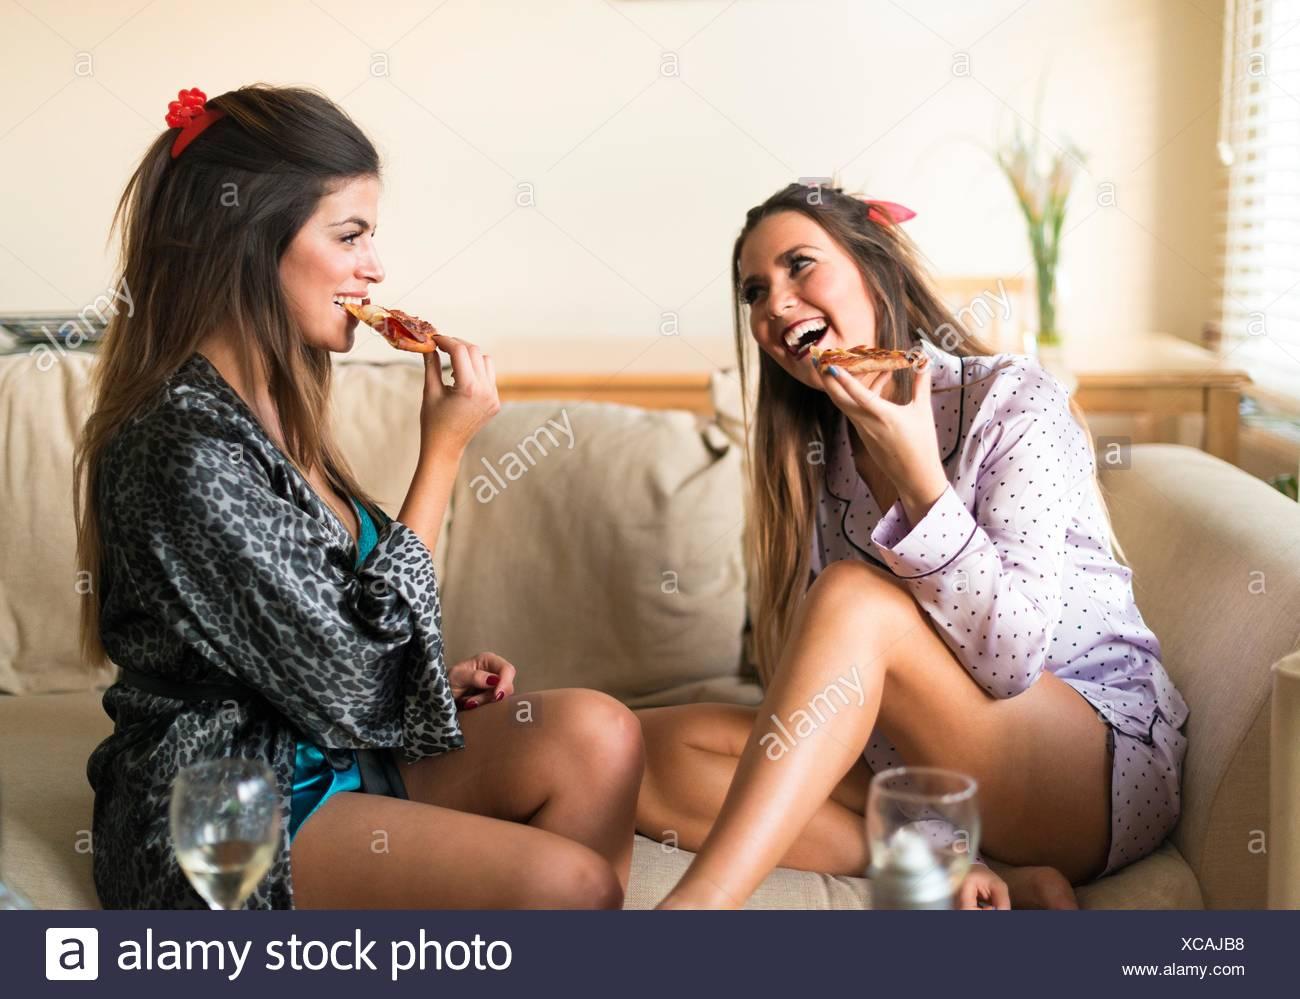 Deux jeunes femmes ayant des filles dans la nuit, assis sur le canapé, manger et rire Photo Stock